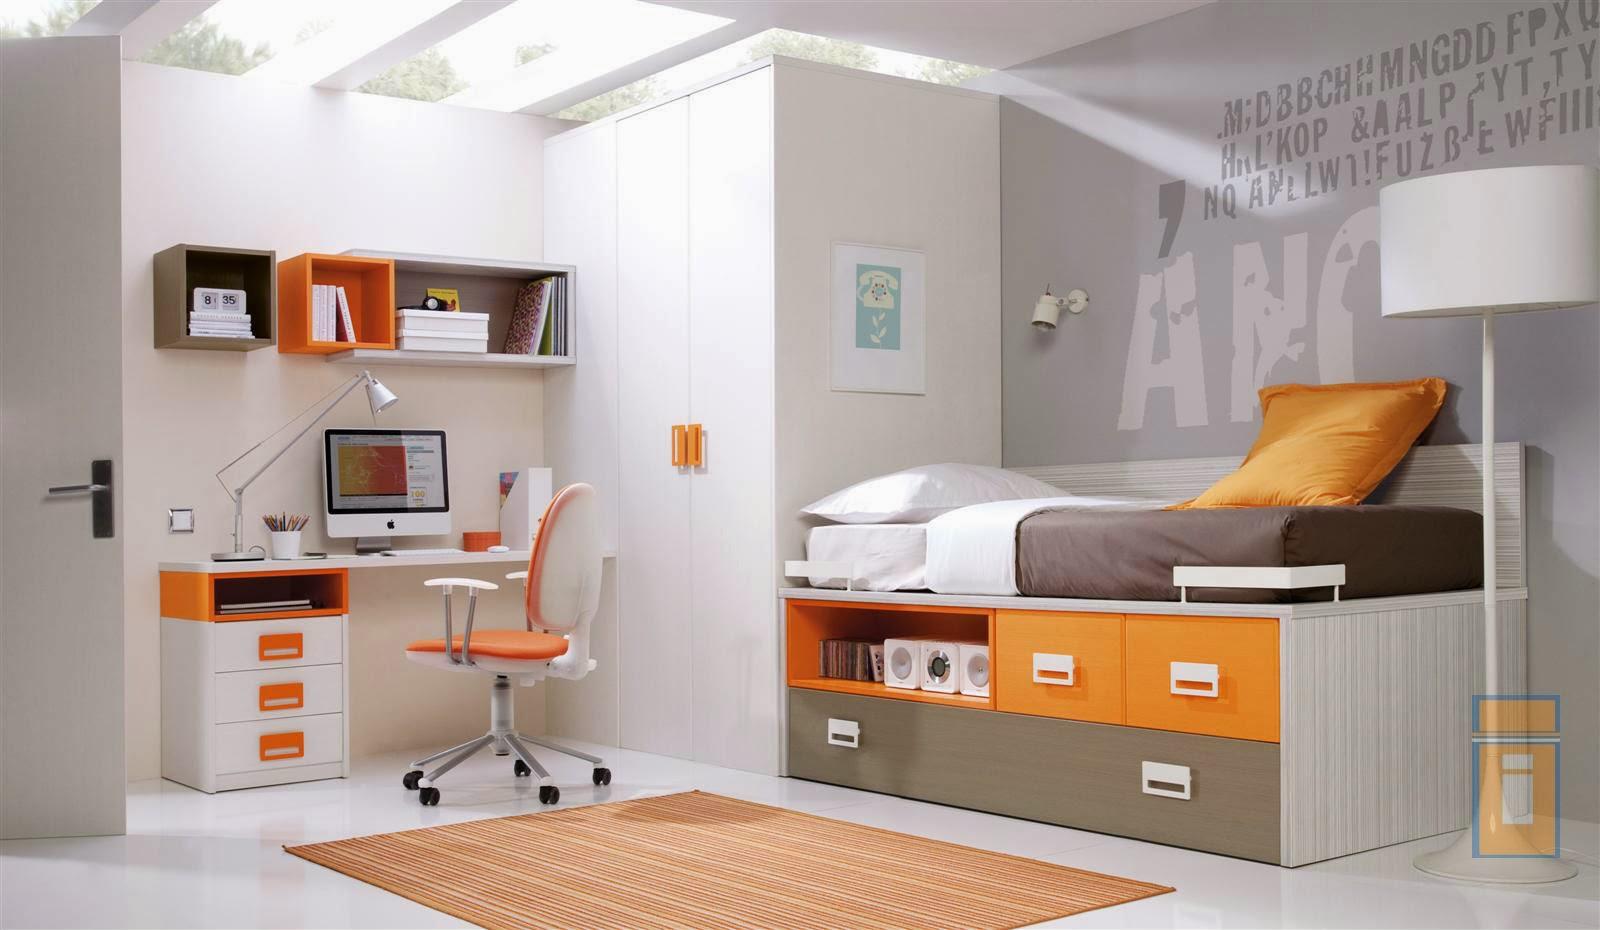 Armimobel muebles con vida dormitorio juvenil camas nido - Camas dormitorio juvenil ...